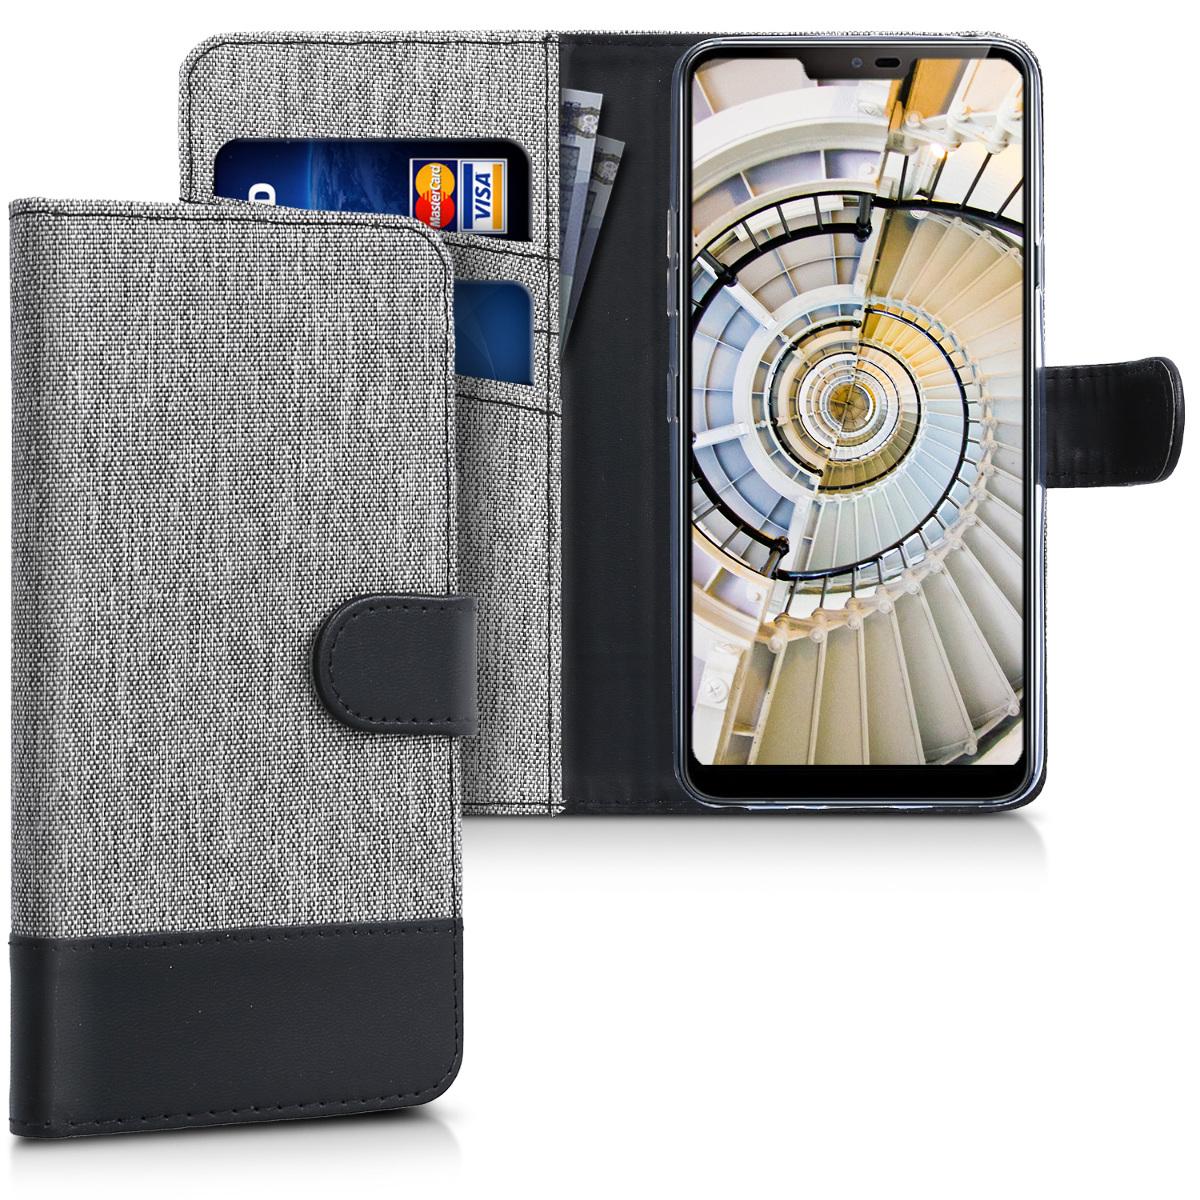 KW Θήκη-Πορτοφόλι LG G7 ThinQ - Γκρι/ Μαύρο (44921.22)